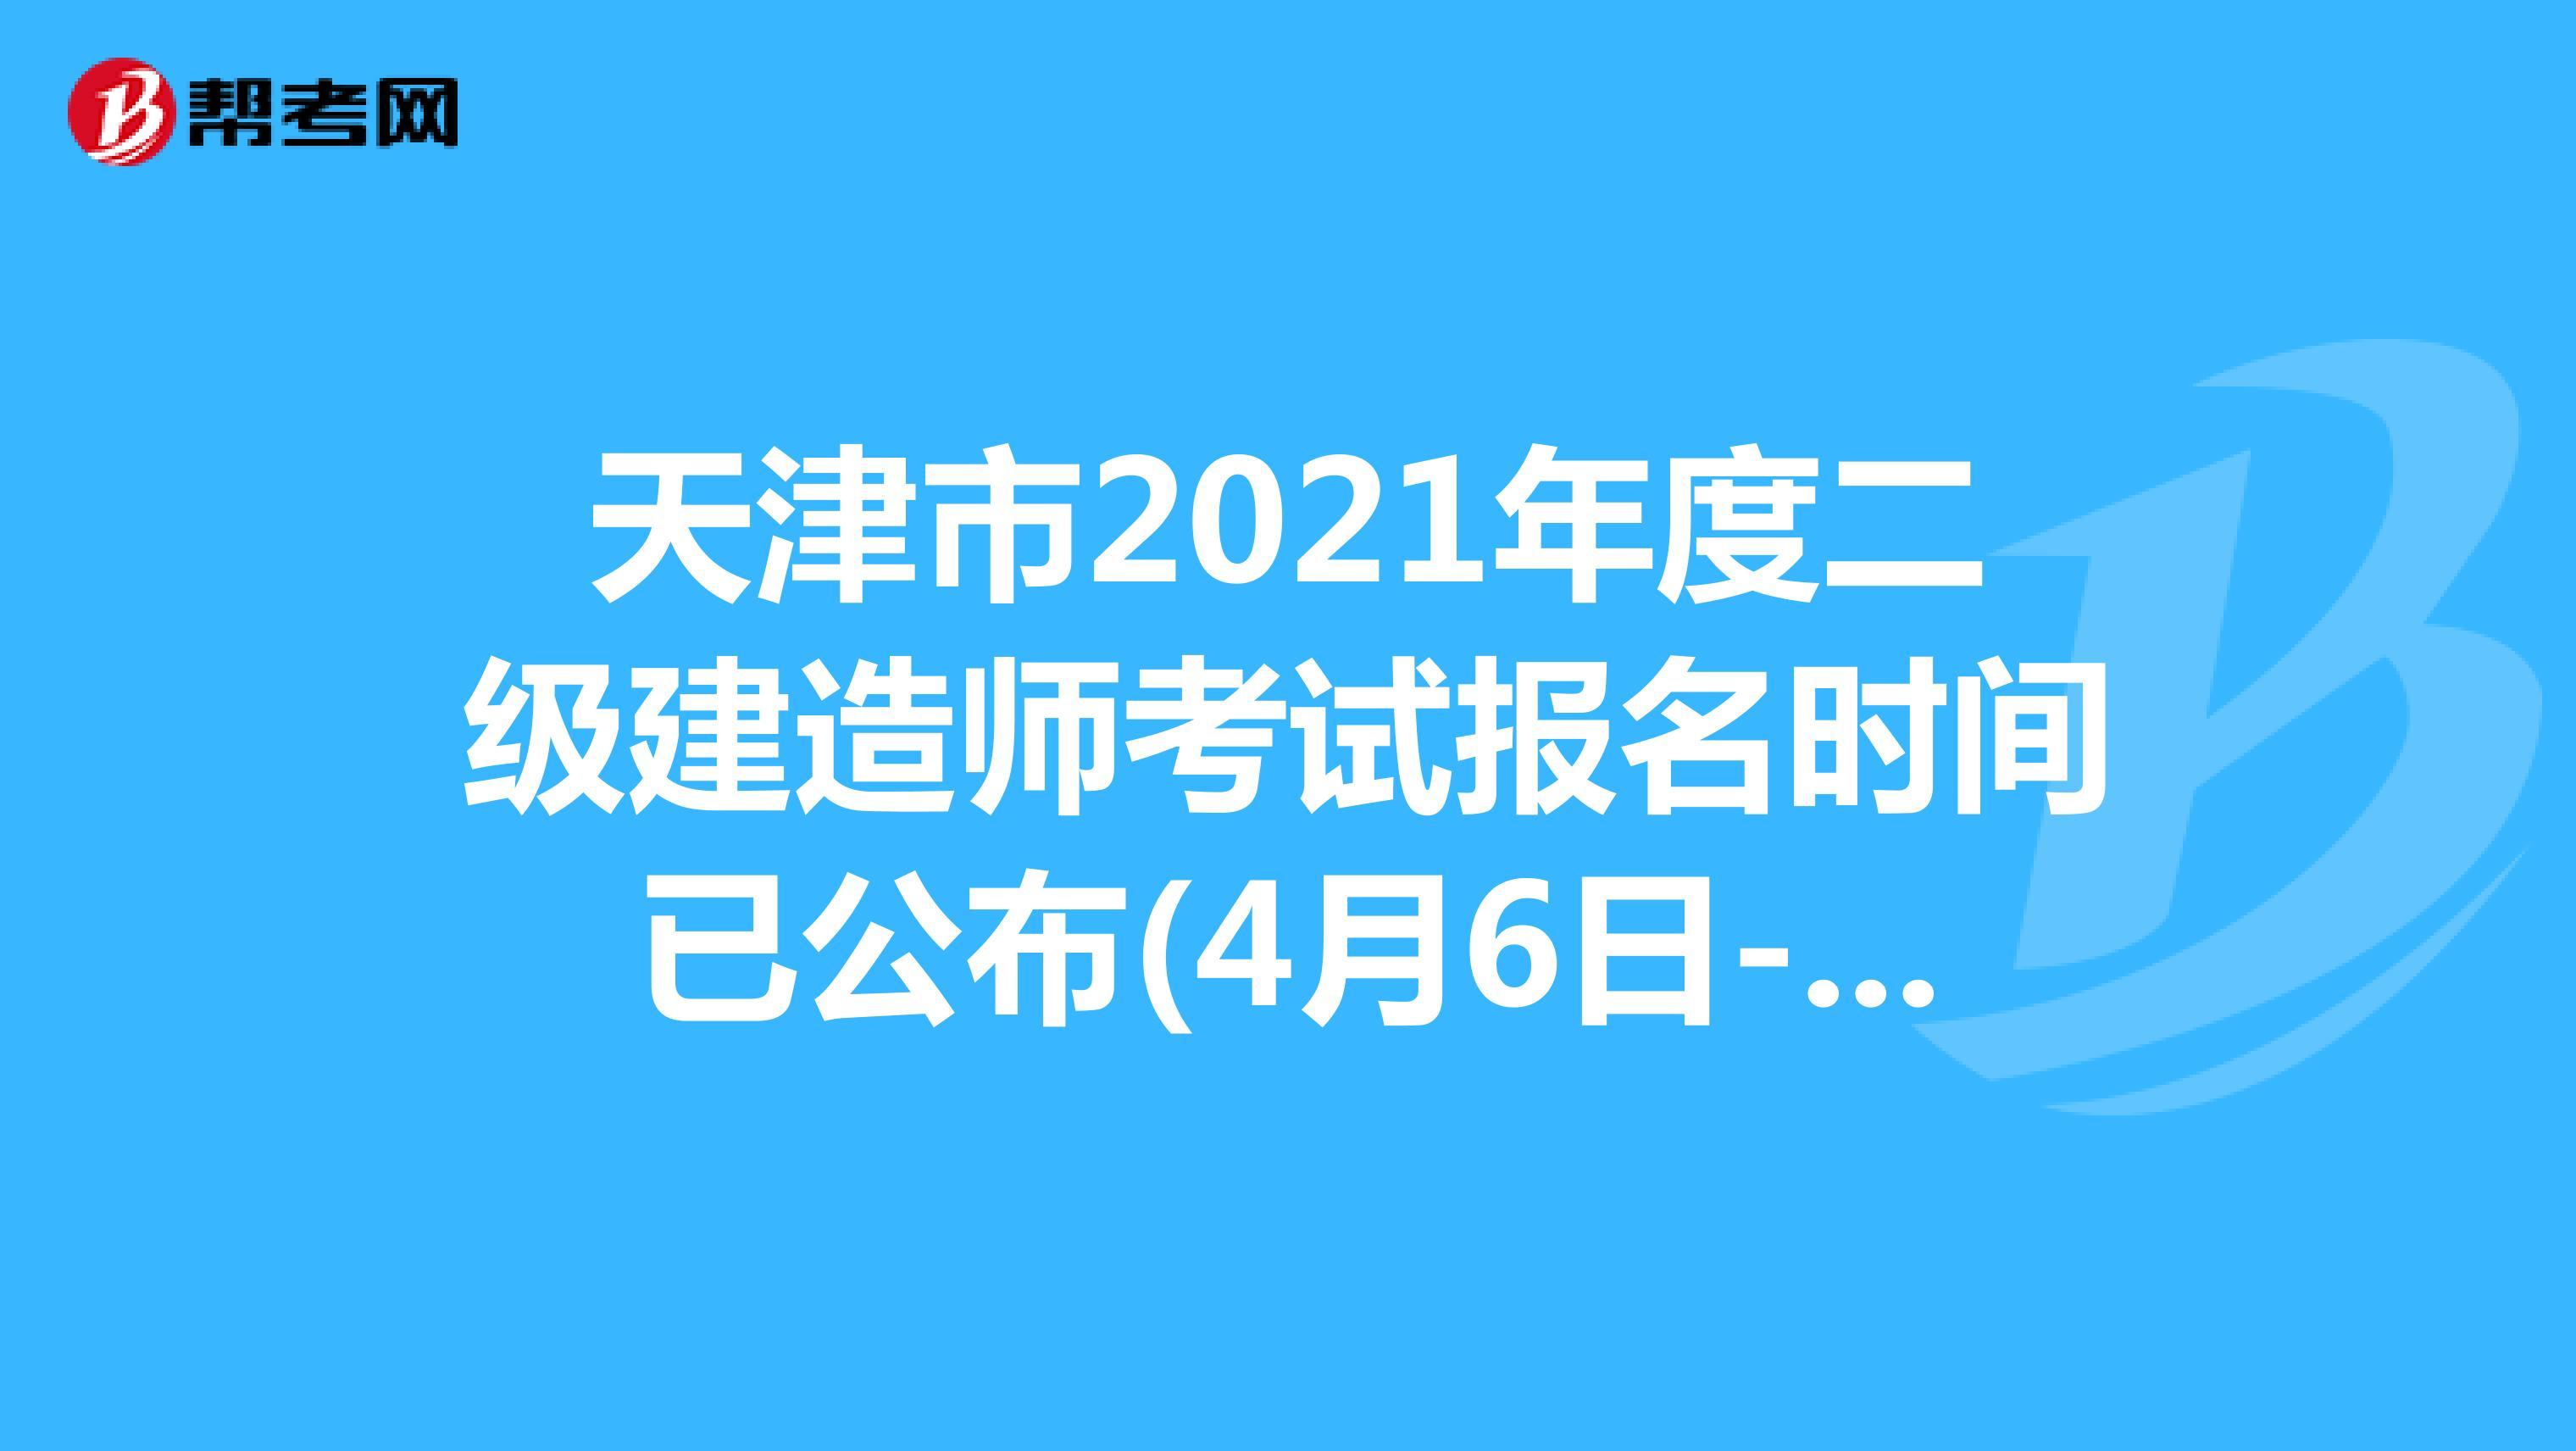 天津市2021年度二级建造师考试报名时间已公布(4月6日-4月10日)